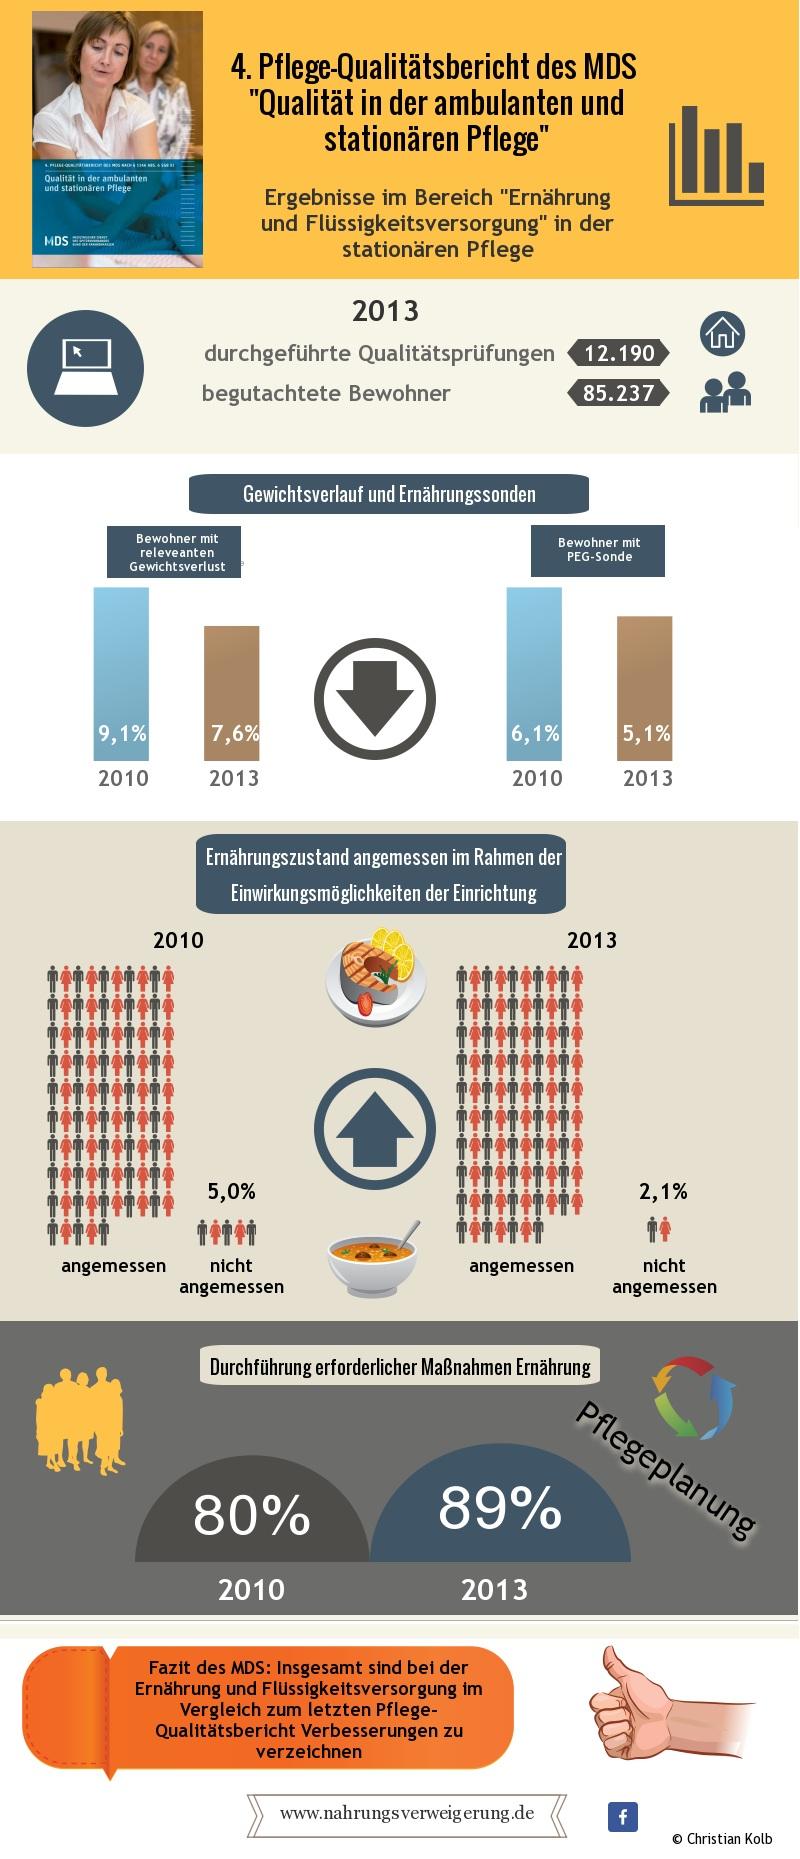 Ergebnisse des MDS 4 Qualitätsbericht Ernährung